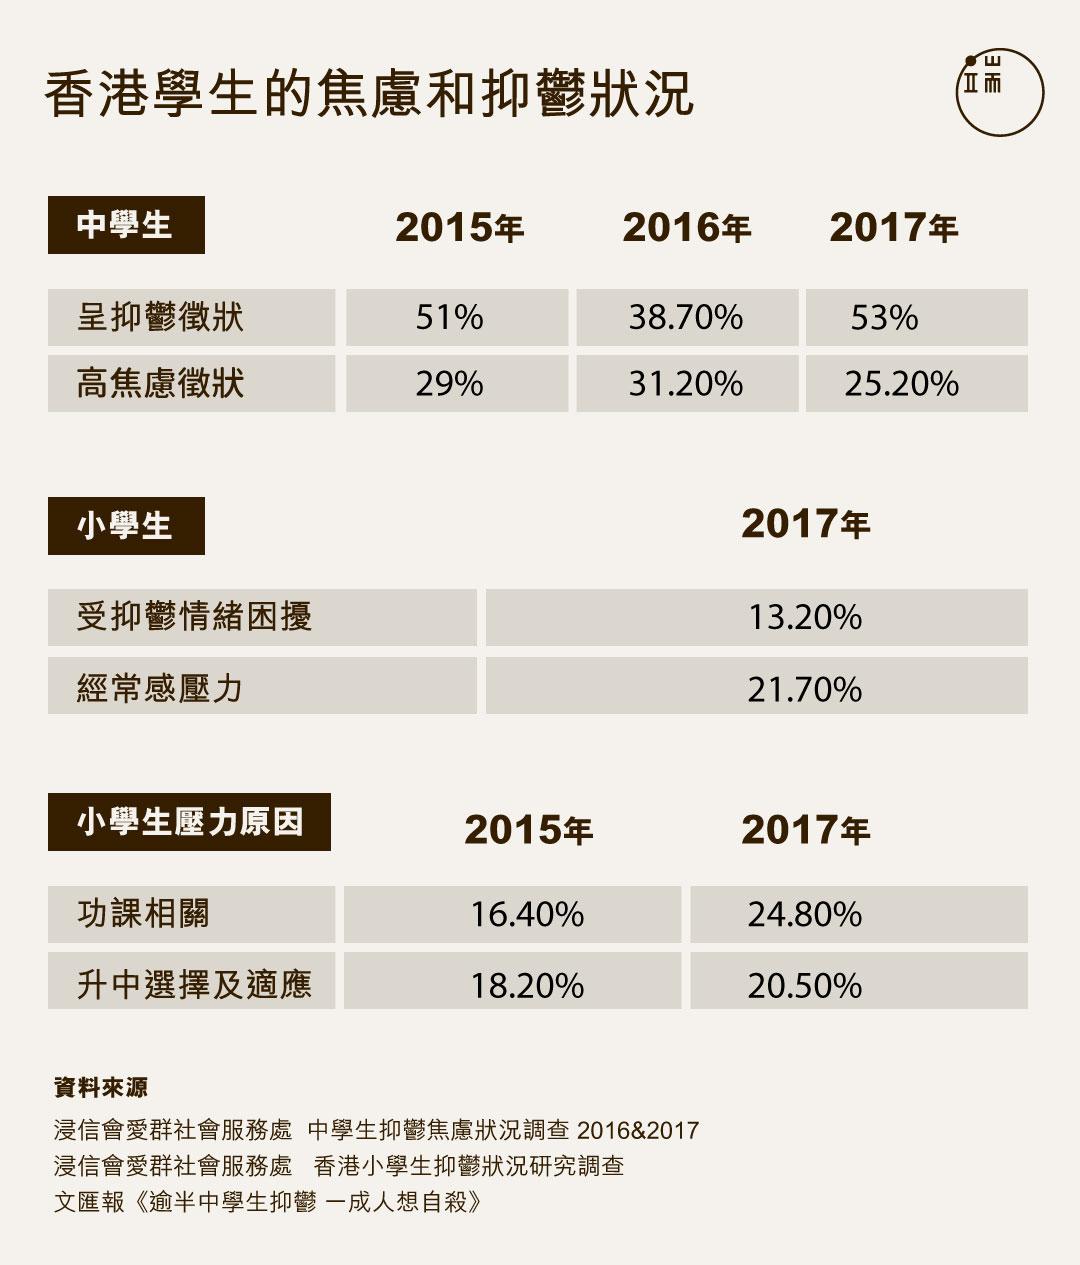 香港學生的焦慮和抑鬱狀況